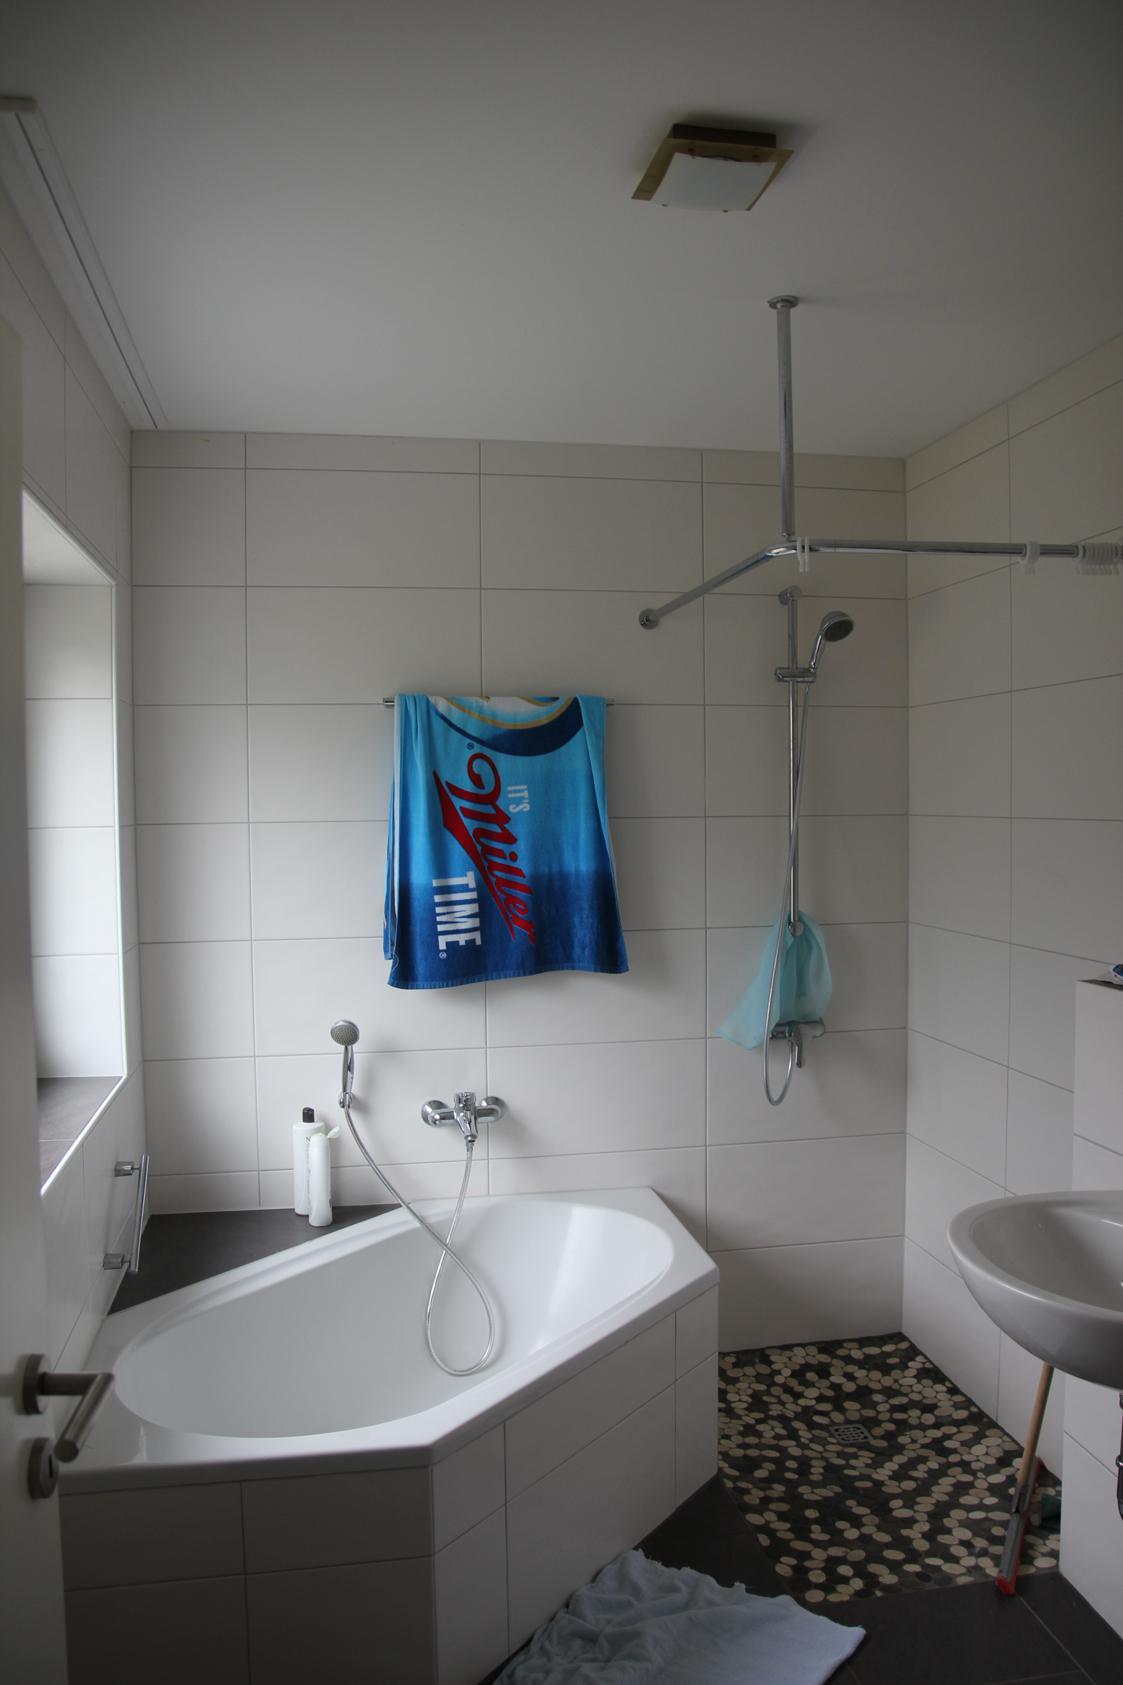 Fliesen verlegt in einem Badezimmer mit Wanne